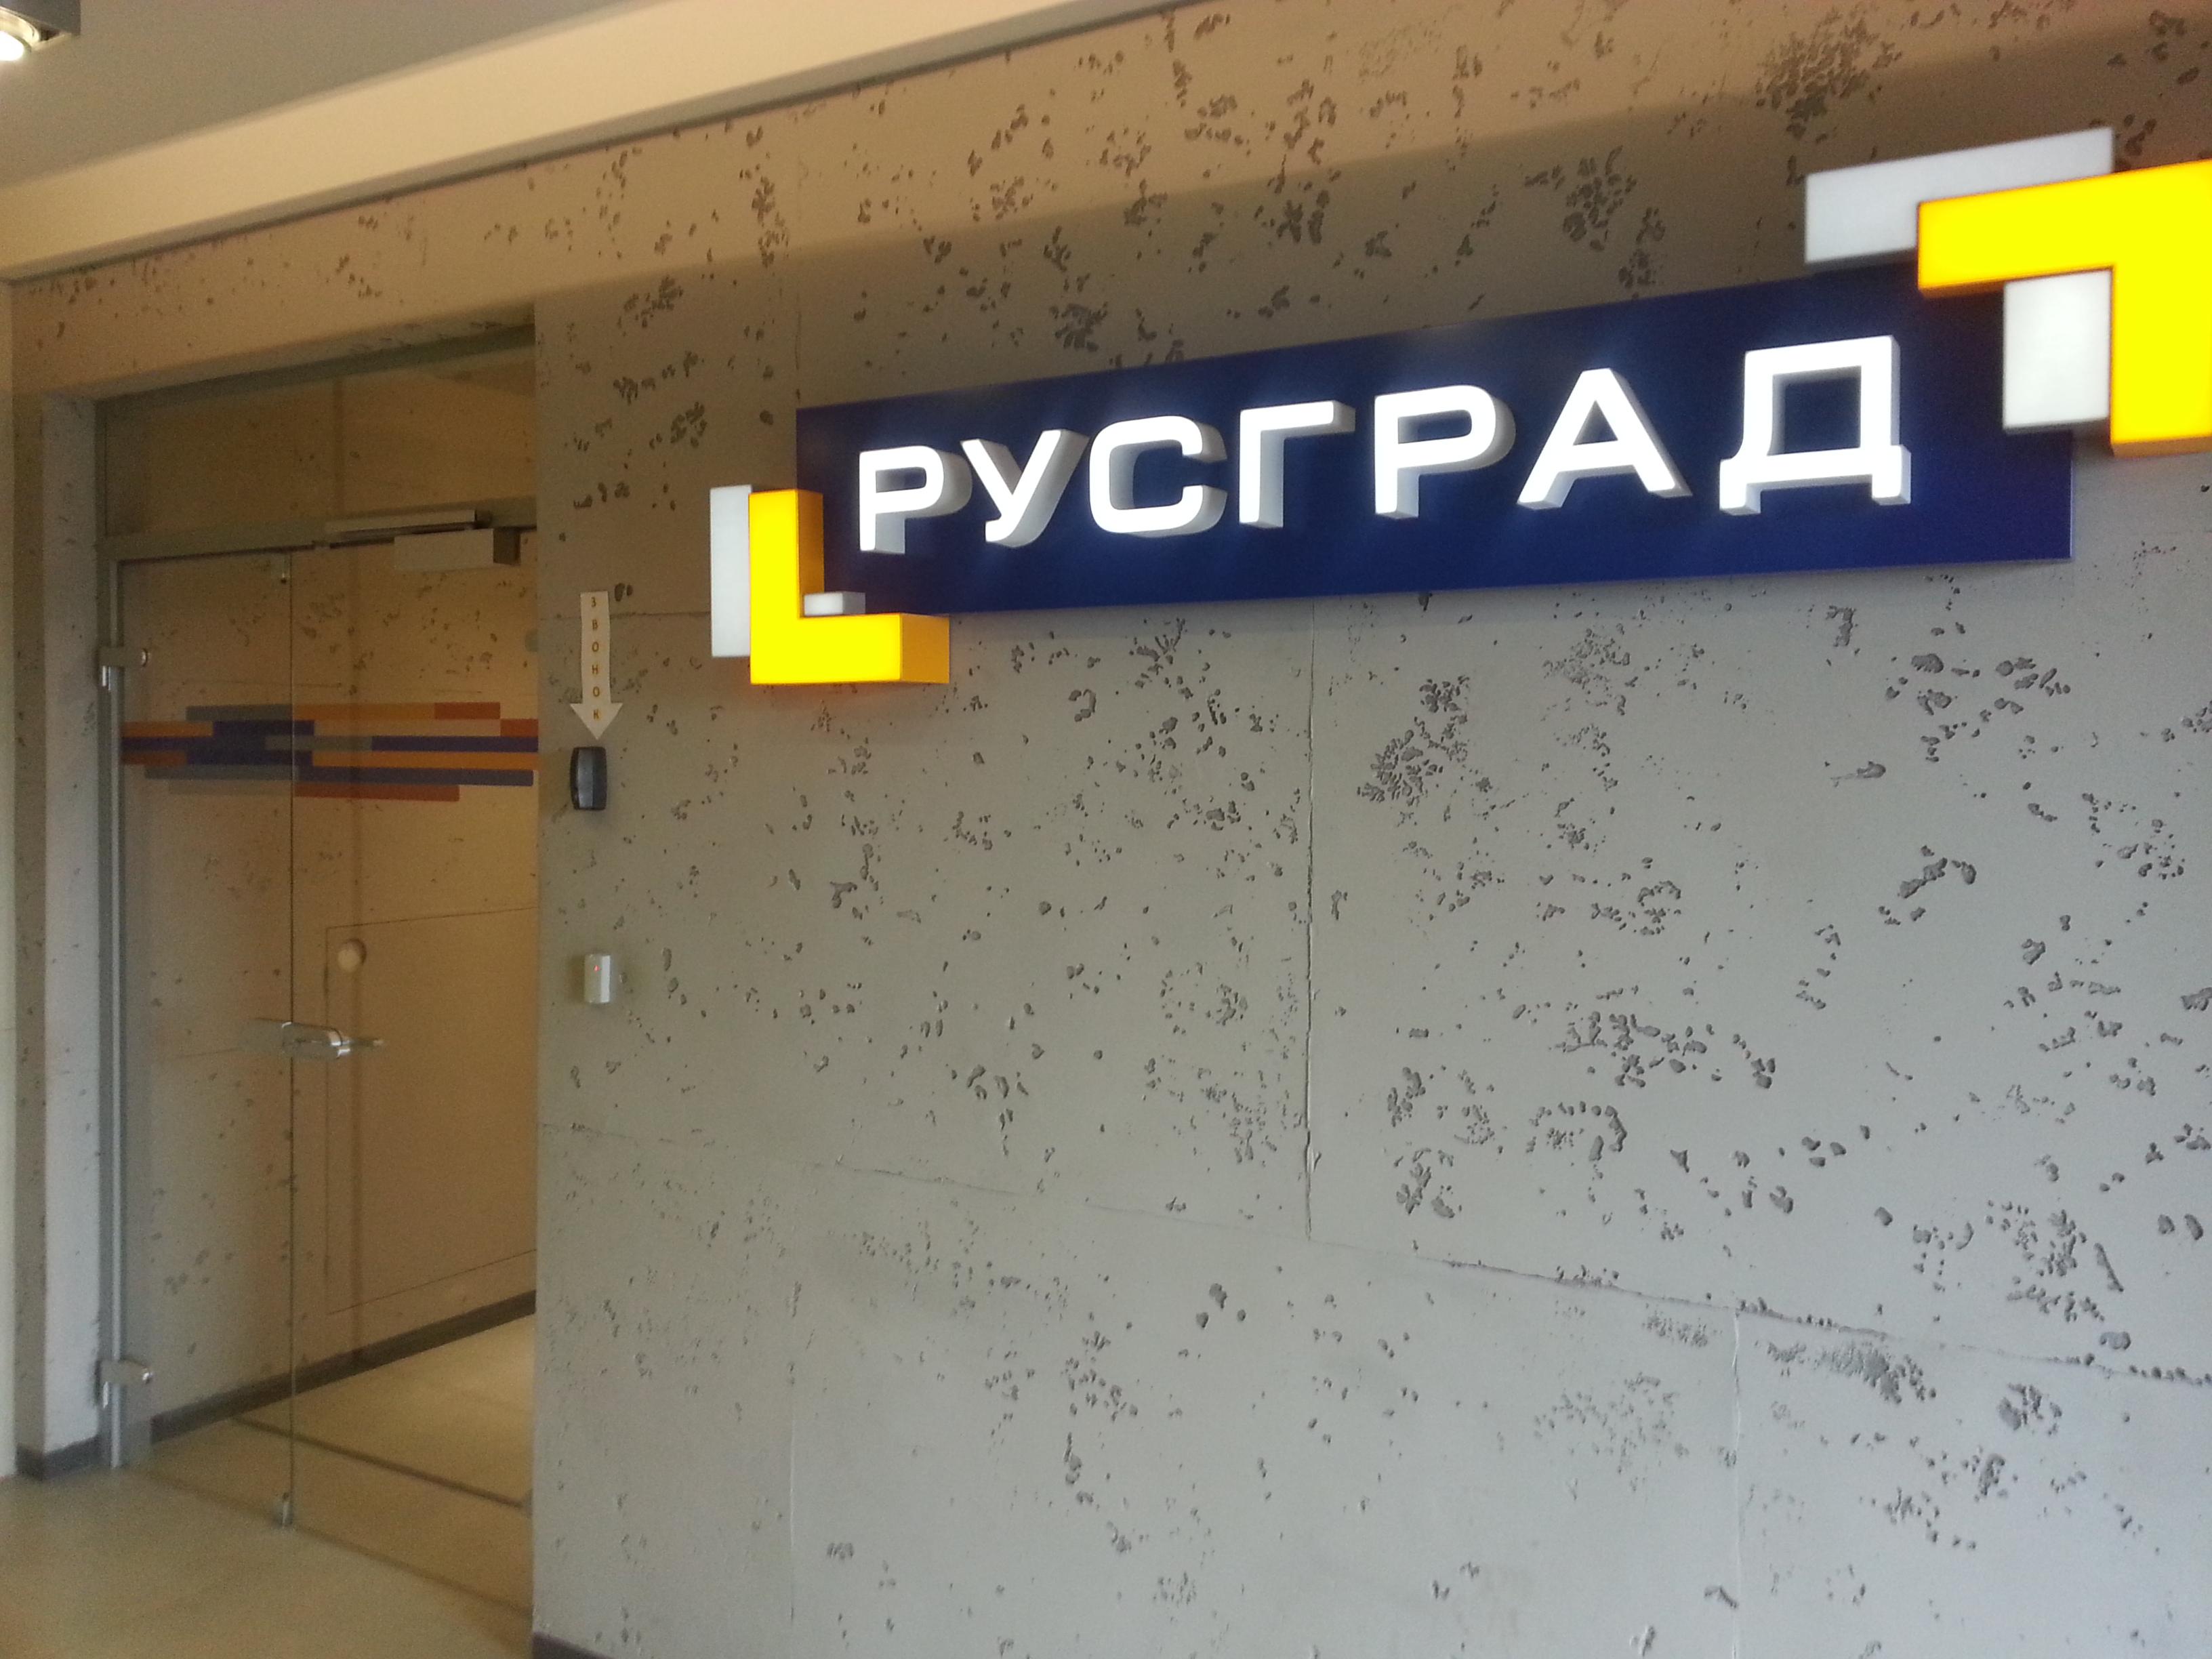 Следователи вывозят документы из офиса генподрядчика «Экспо»